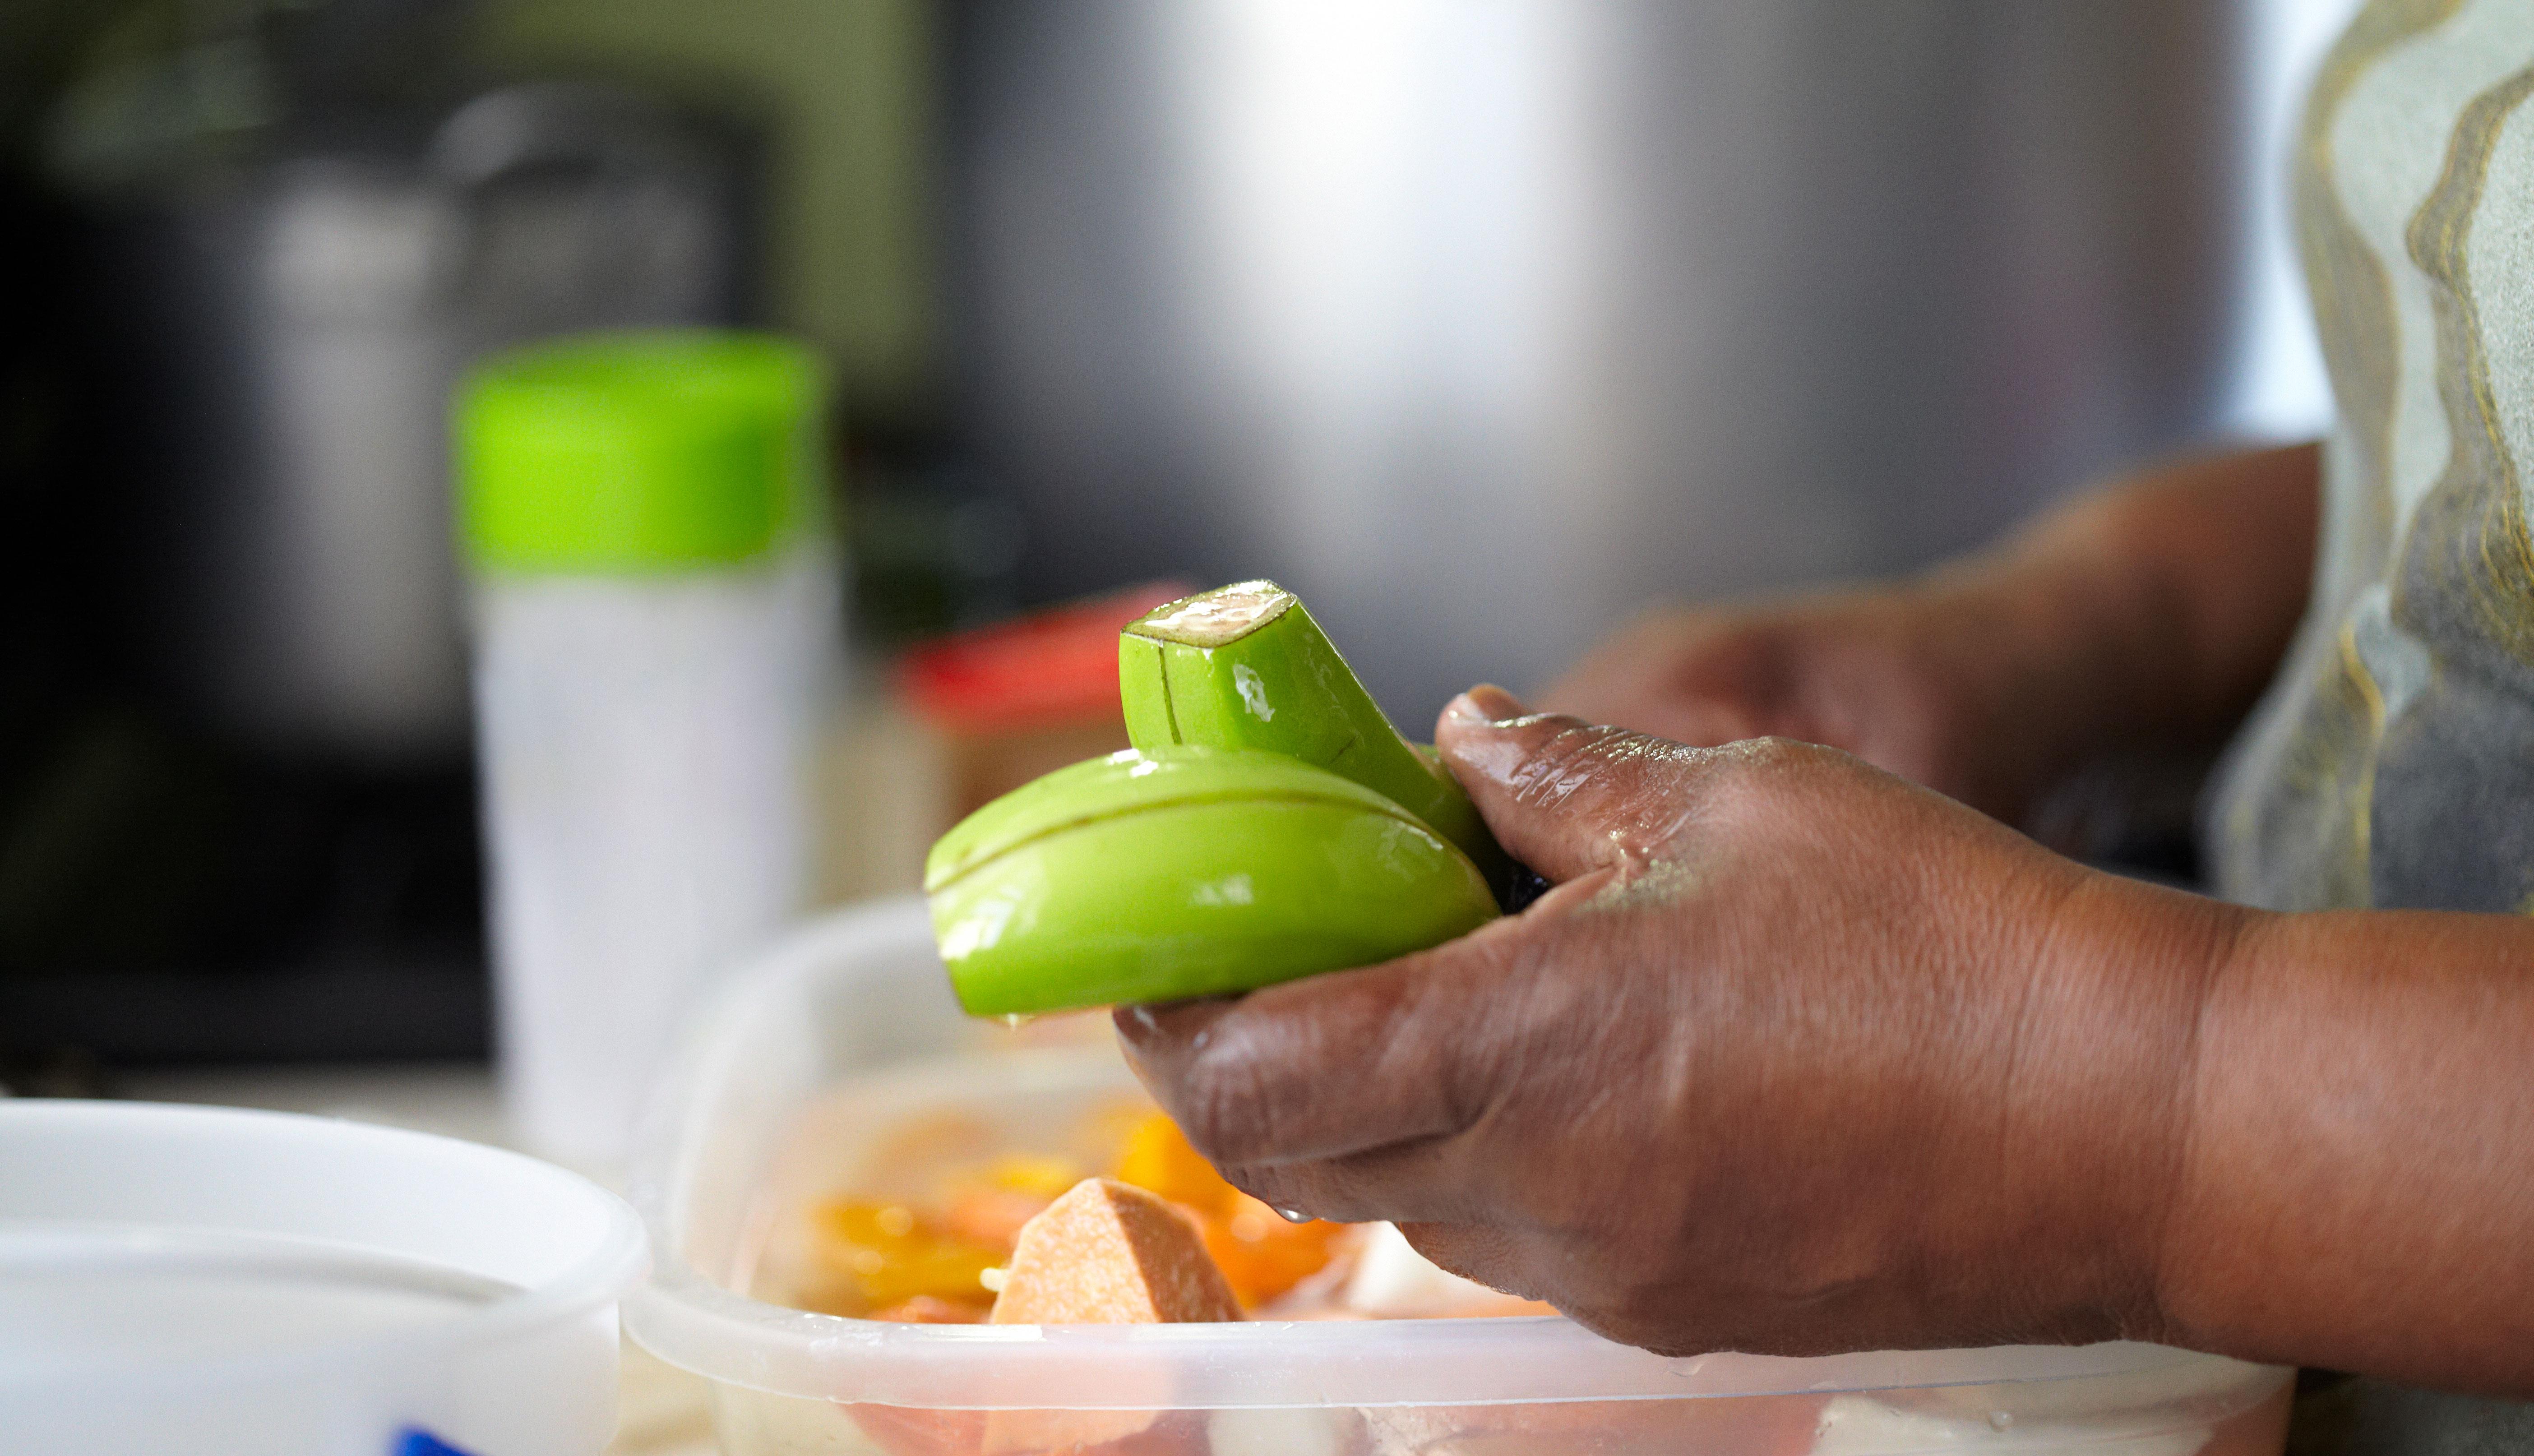 Una persona le quita la cáscara a unos plátanos verdes